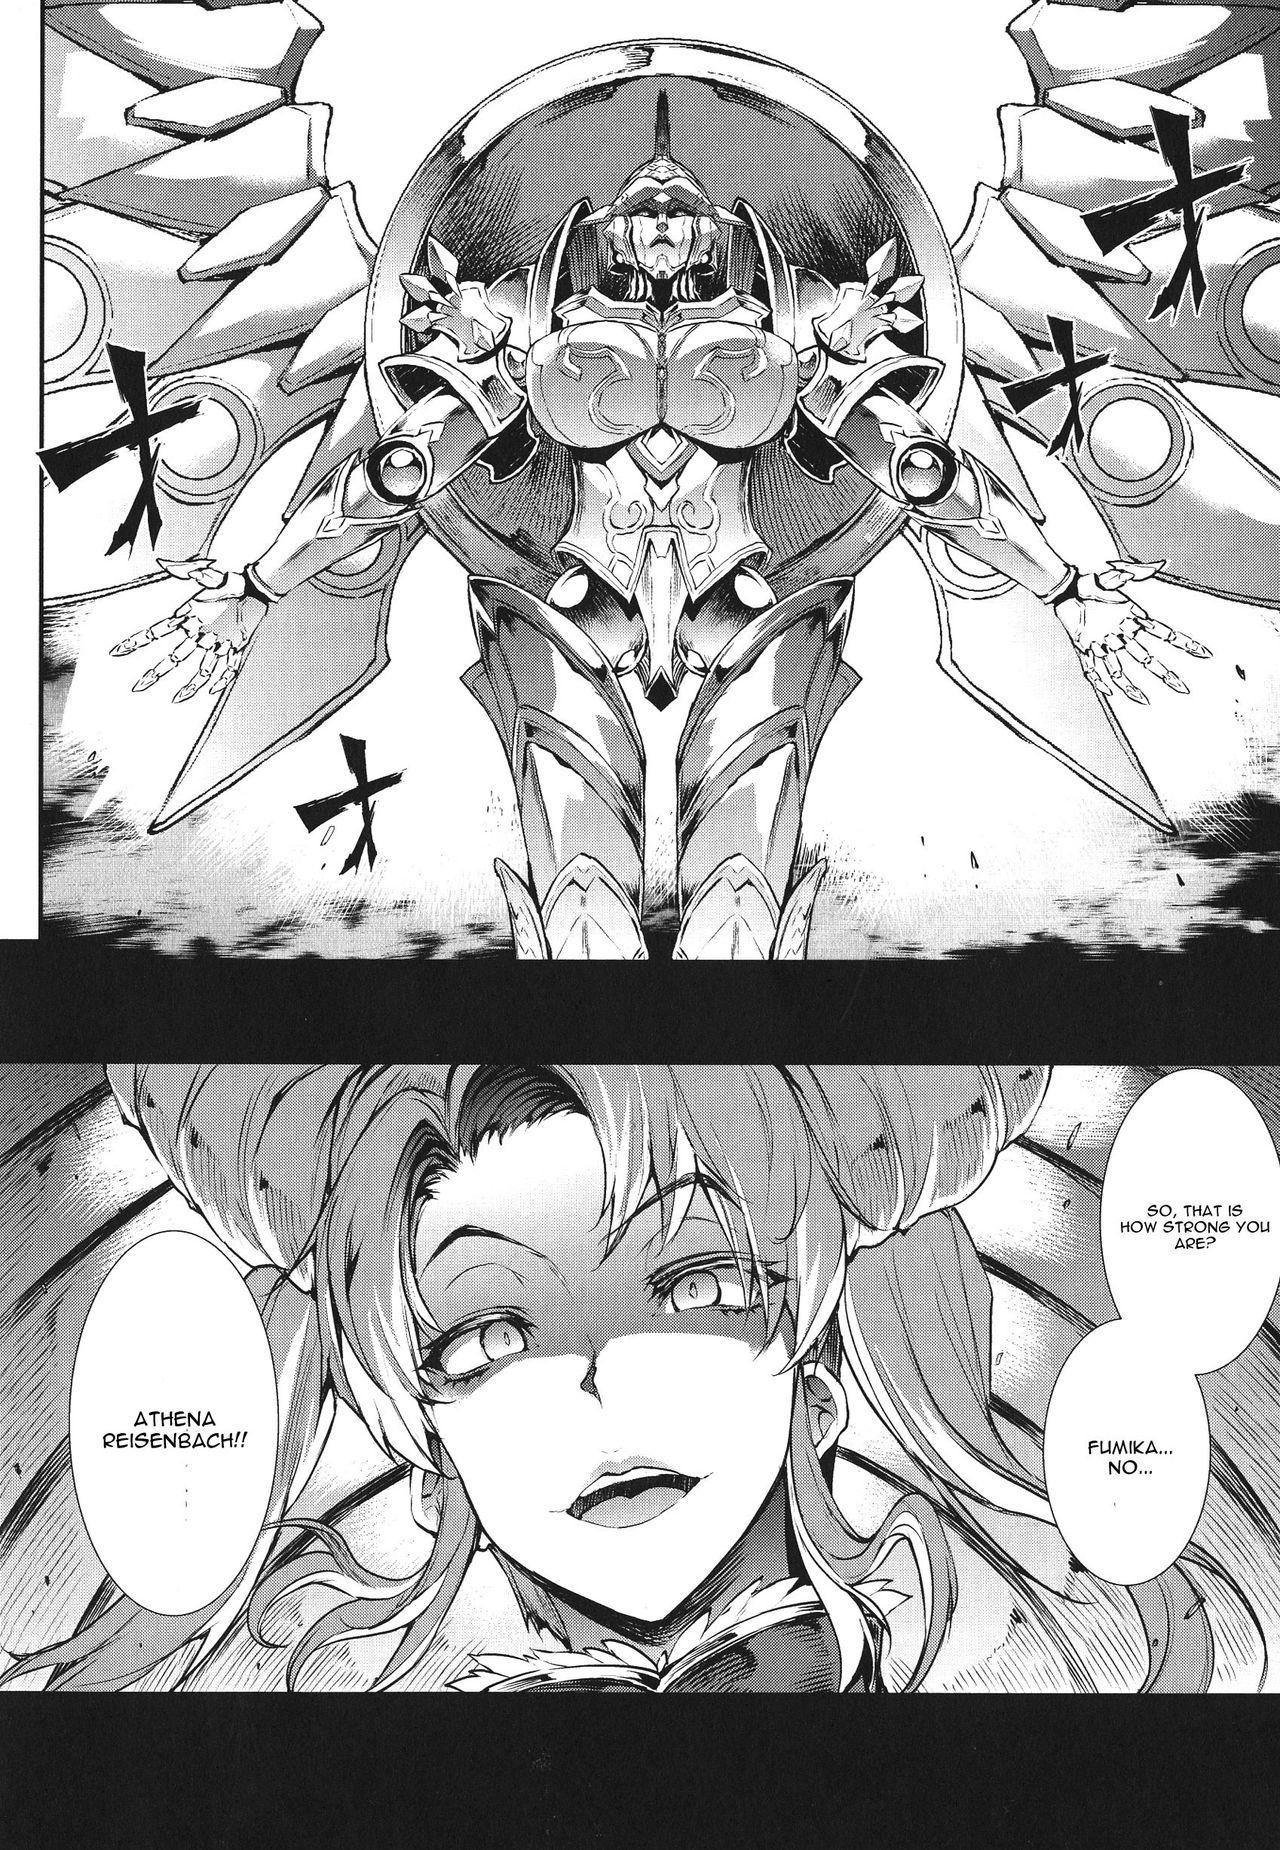 [Erect Sawaru] Raikou Shinki Igis Magia -PANDRA saga 3rd ignition- Ch. 1-5 [English] [CGrascal] 32